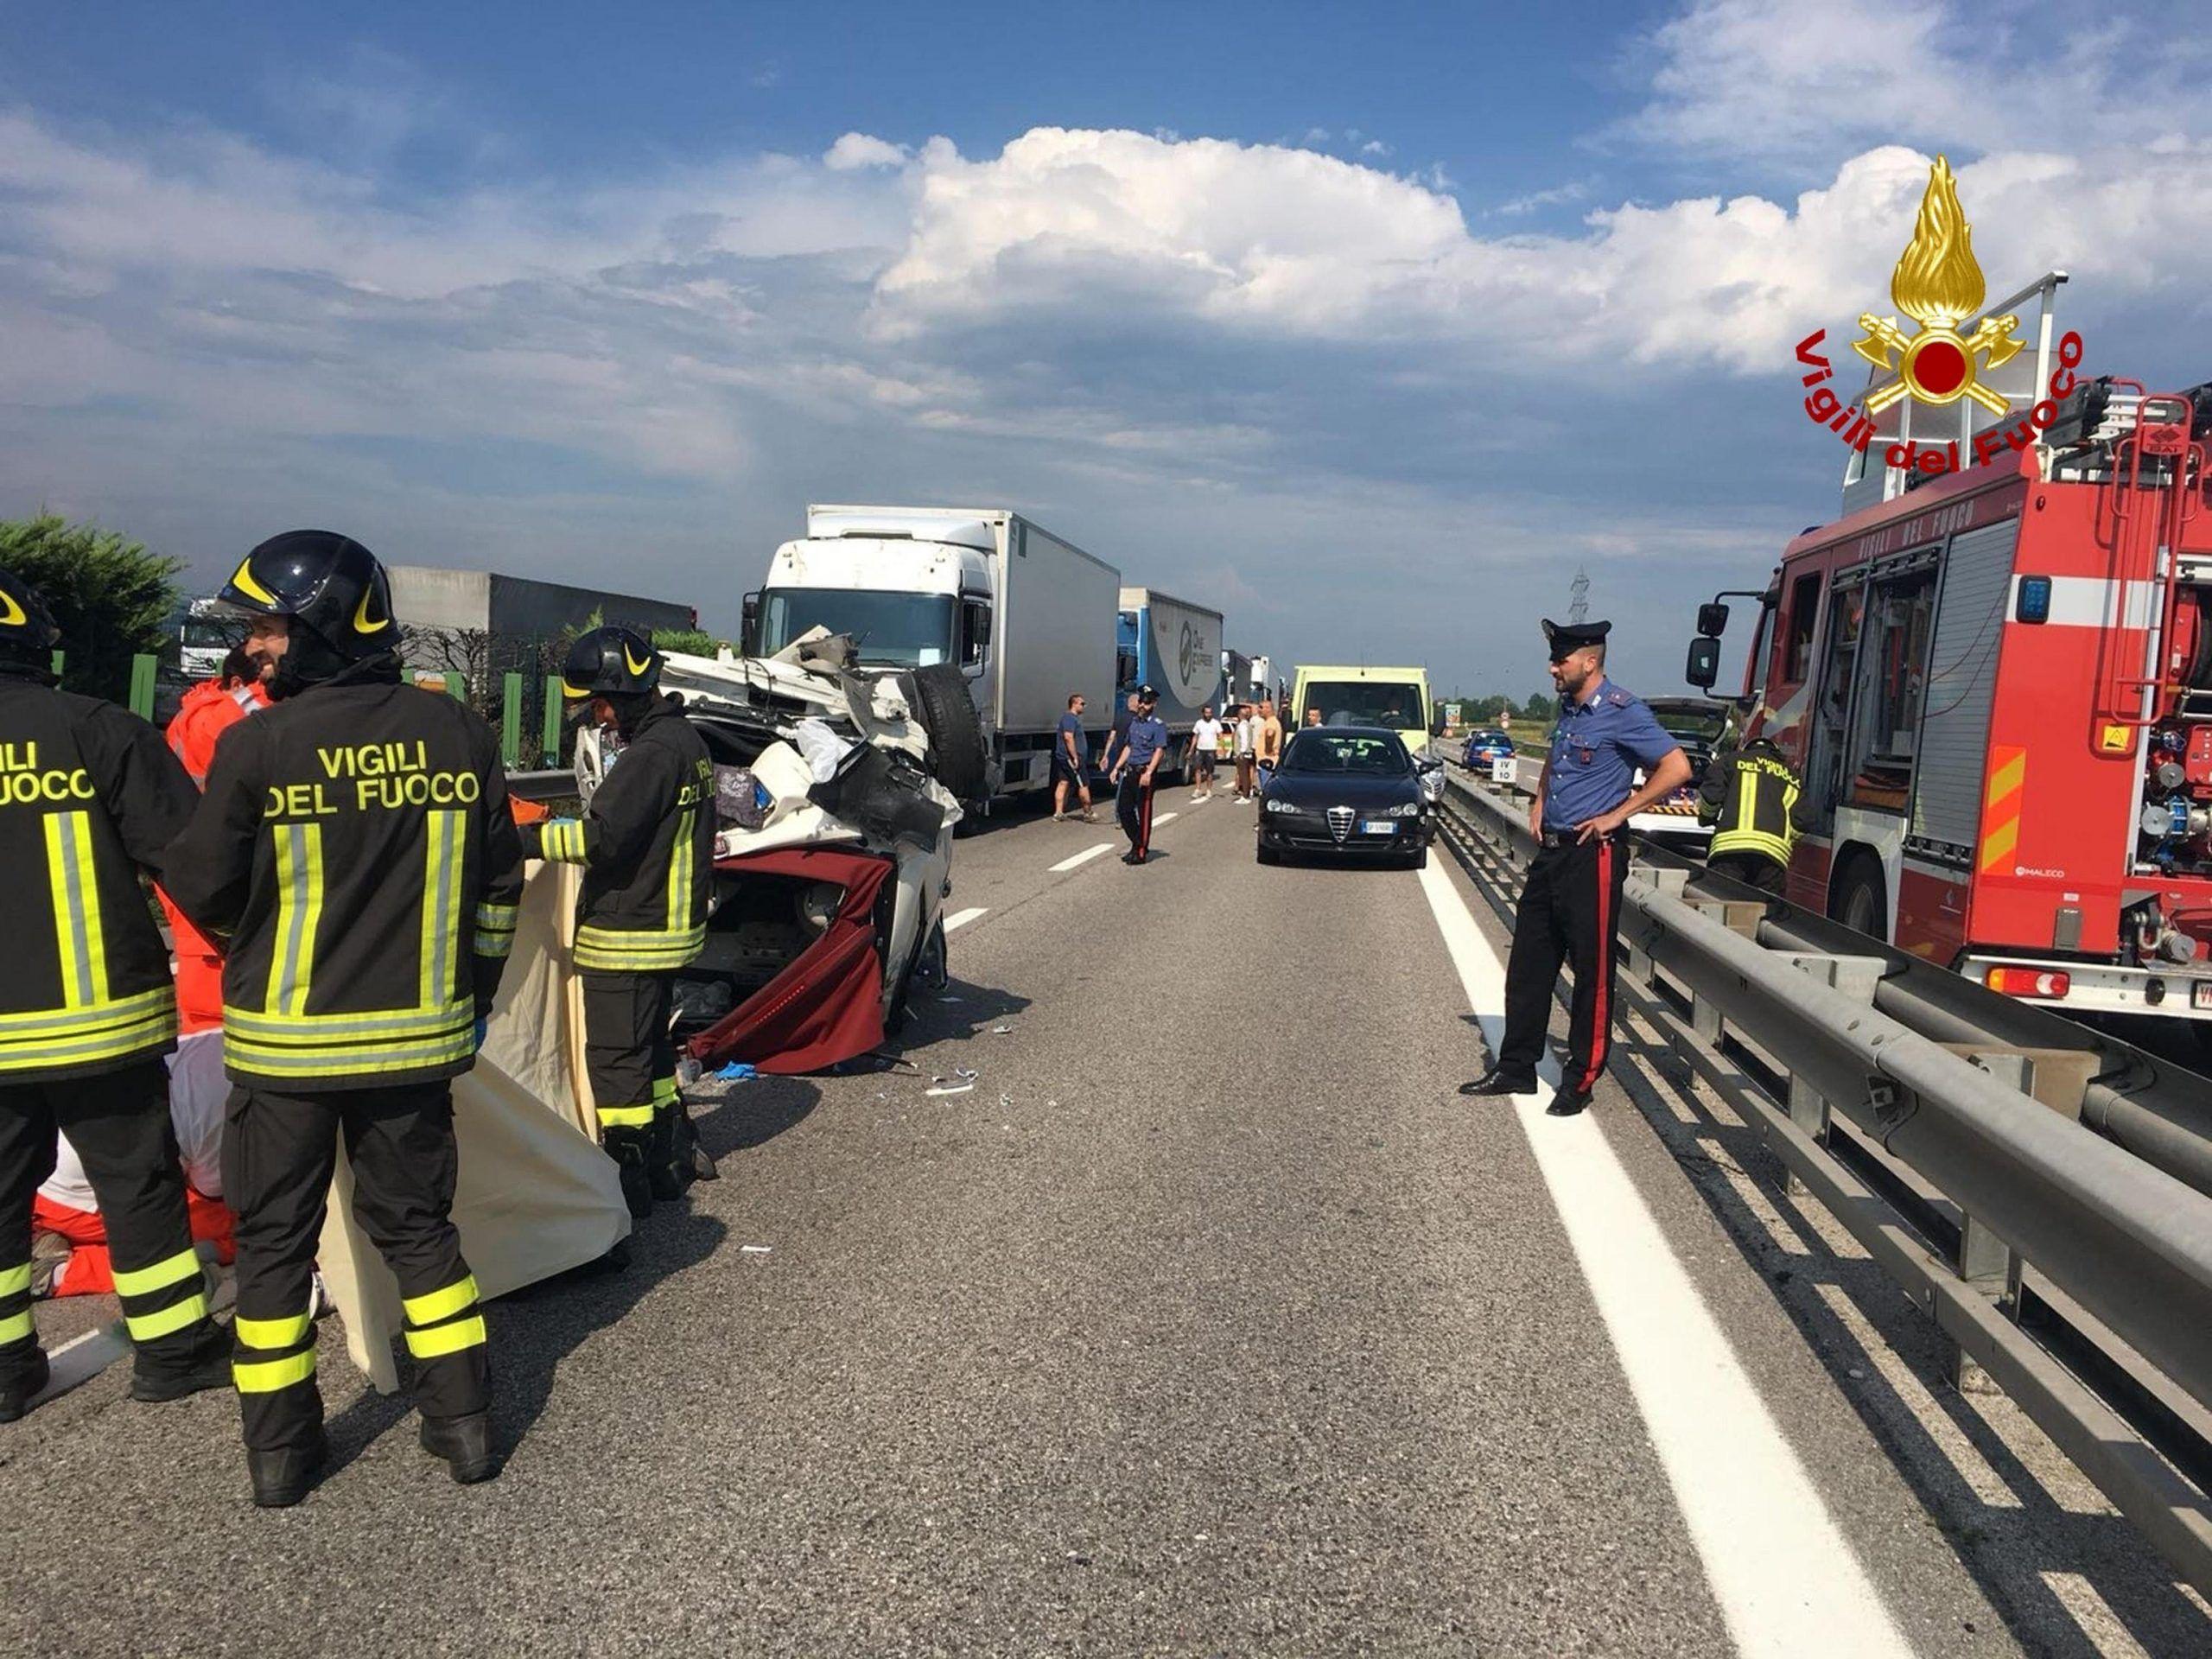 Tragedia-sullA4-scende-dallauto-per-salvare-i-figli-e-viene-travolta-da-altre-vetture-in-corsa